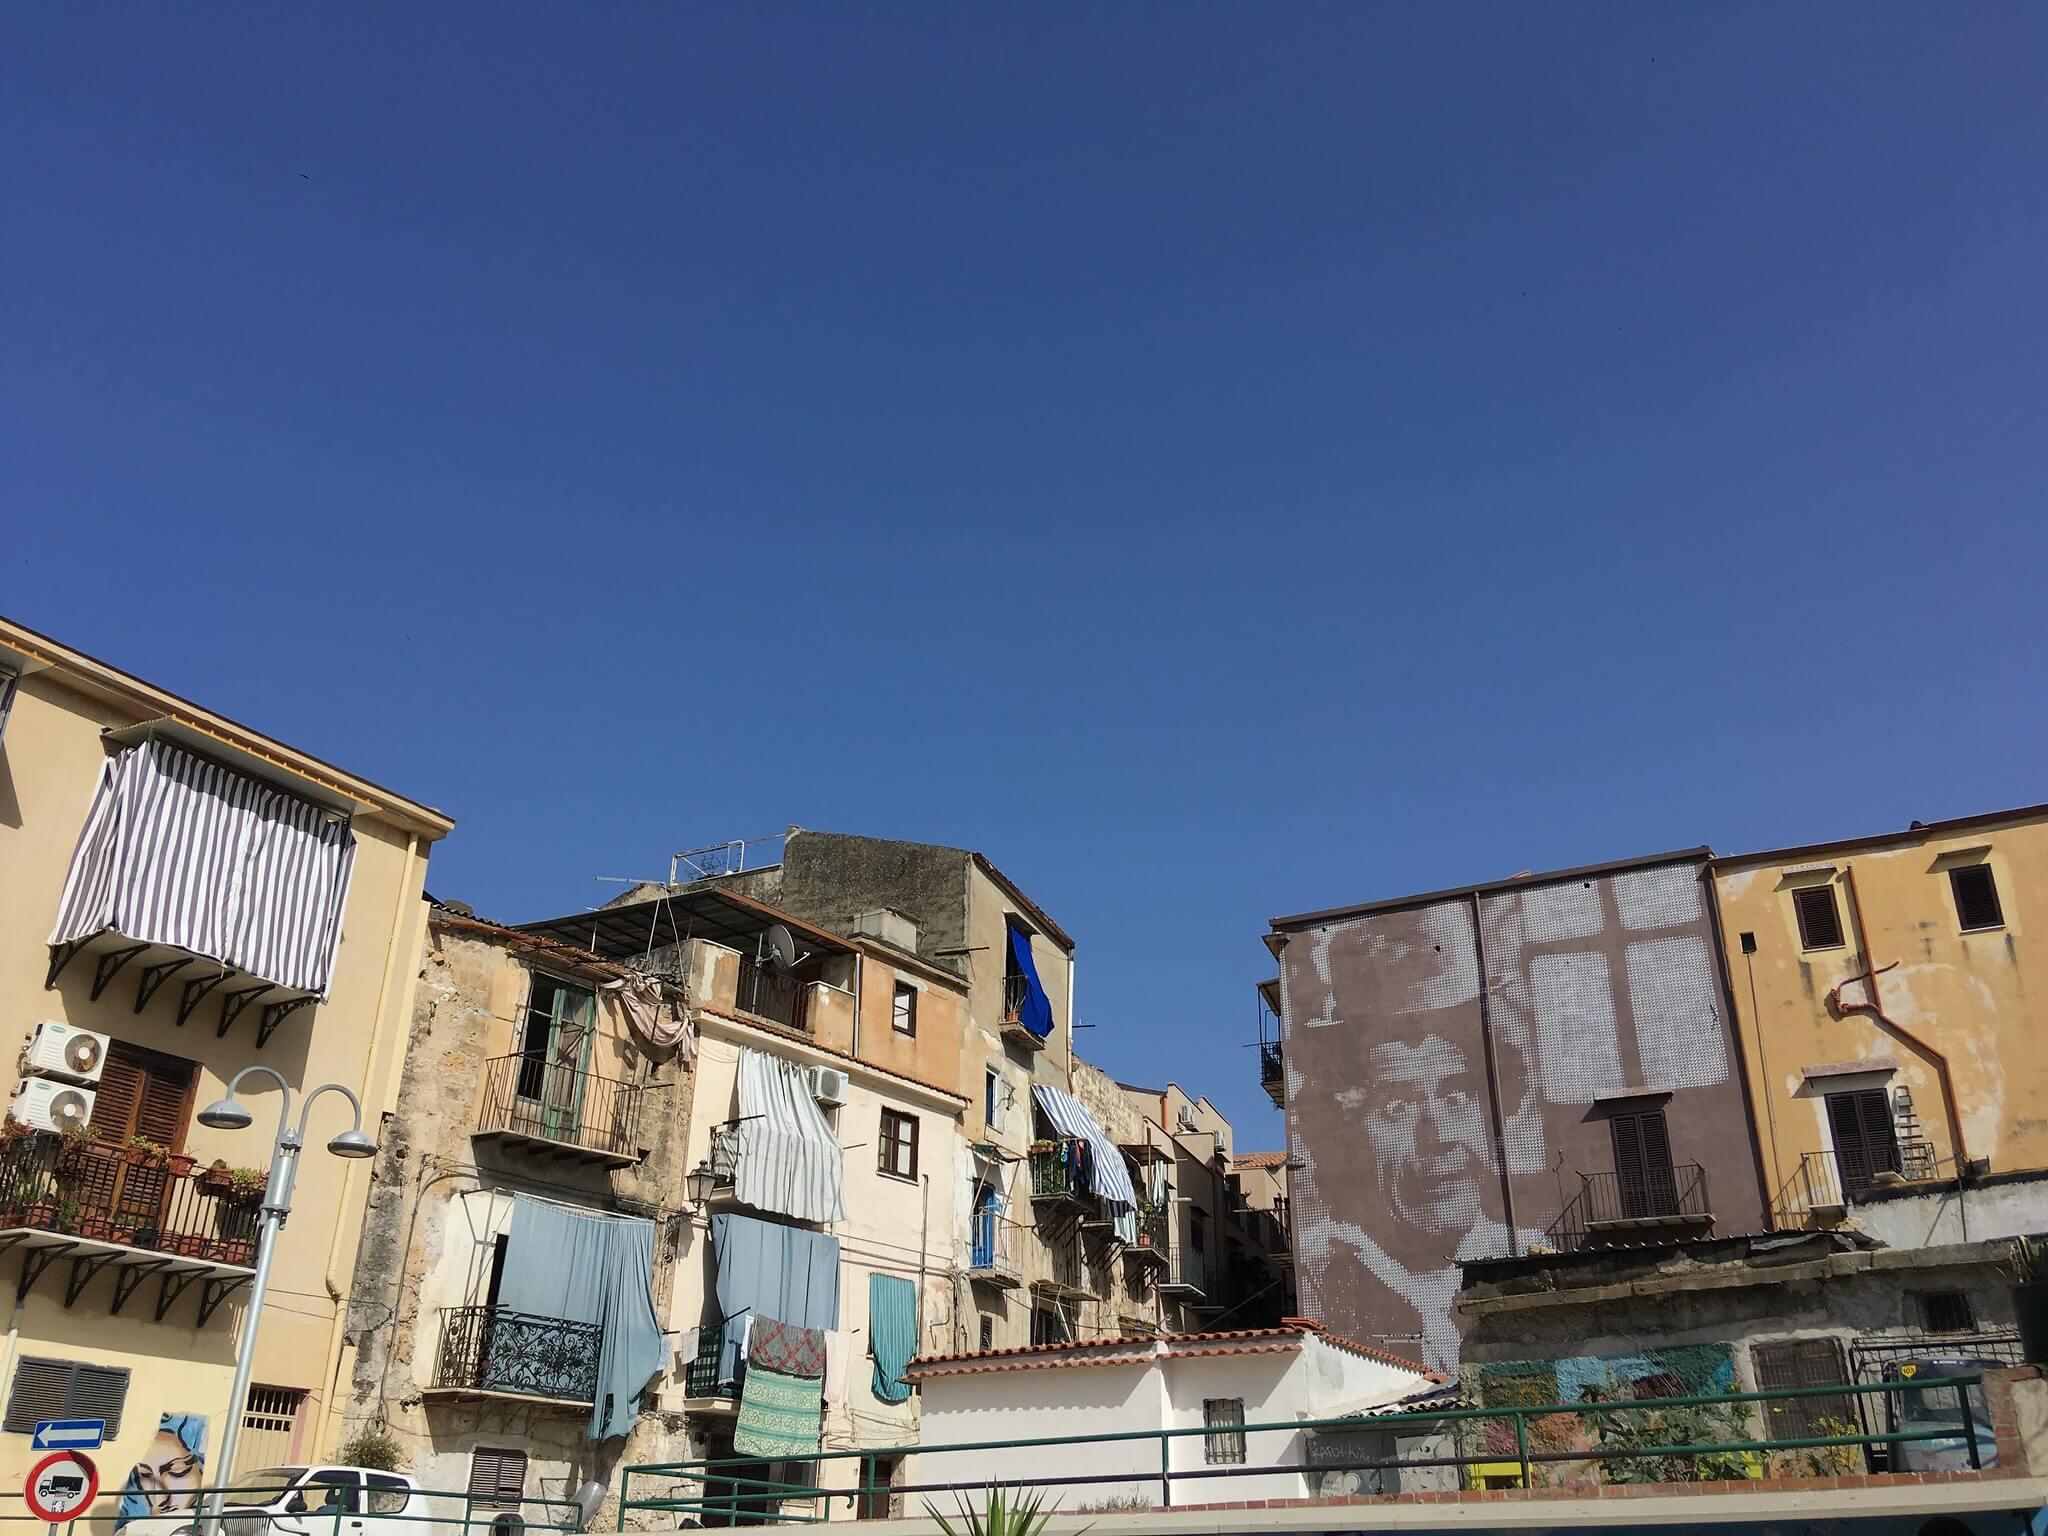 Typický pohled do městské zástavby